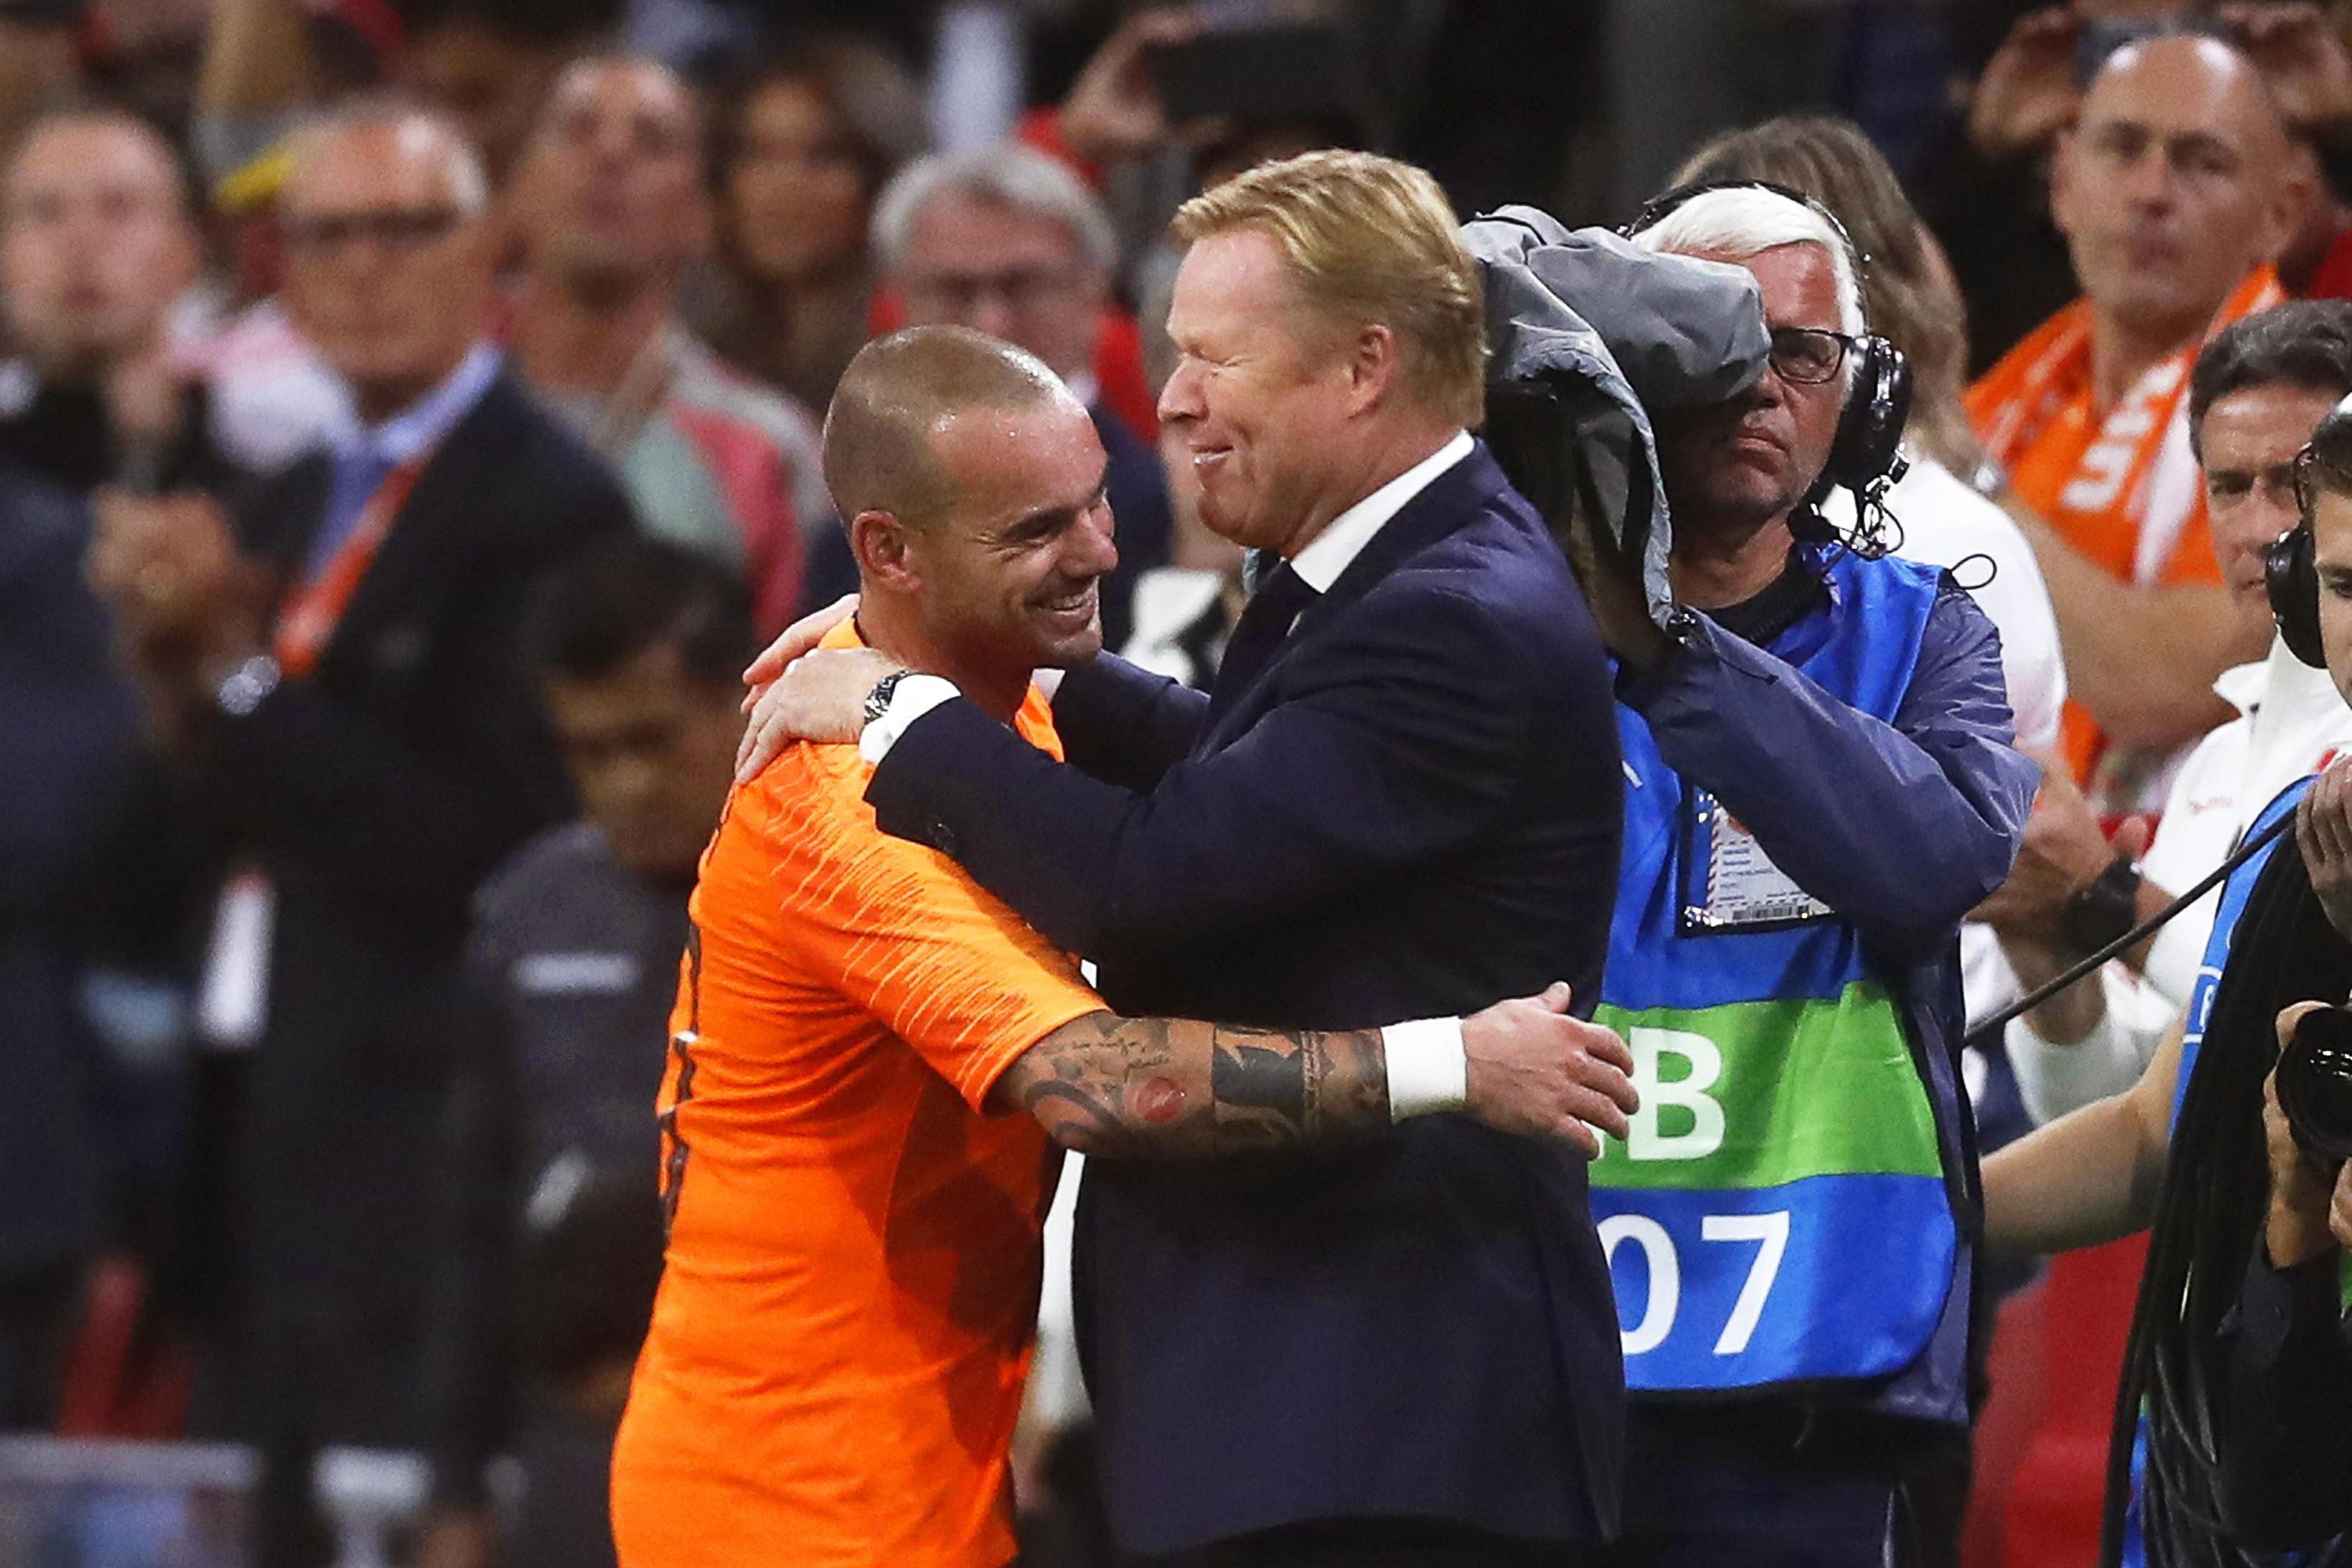 """Grande commozione alla """"Johann Cruijff Arena"""" di Amsterdam per l'ultima partita di Wesley Sneijder con l'Olanda. Il numero 10 degli orange ha chiuso la sua carriera in Nazionale dopo 15 anni con numeri da record: 134 presenze e 31 reti. Tutto lo stadio gli ha reso omaggio al momento della sostituzione al 62' con Quincy Promes.<br /><br />"""